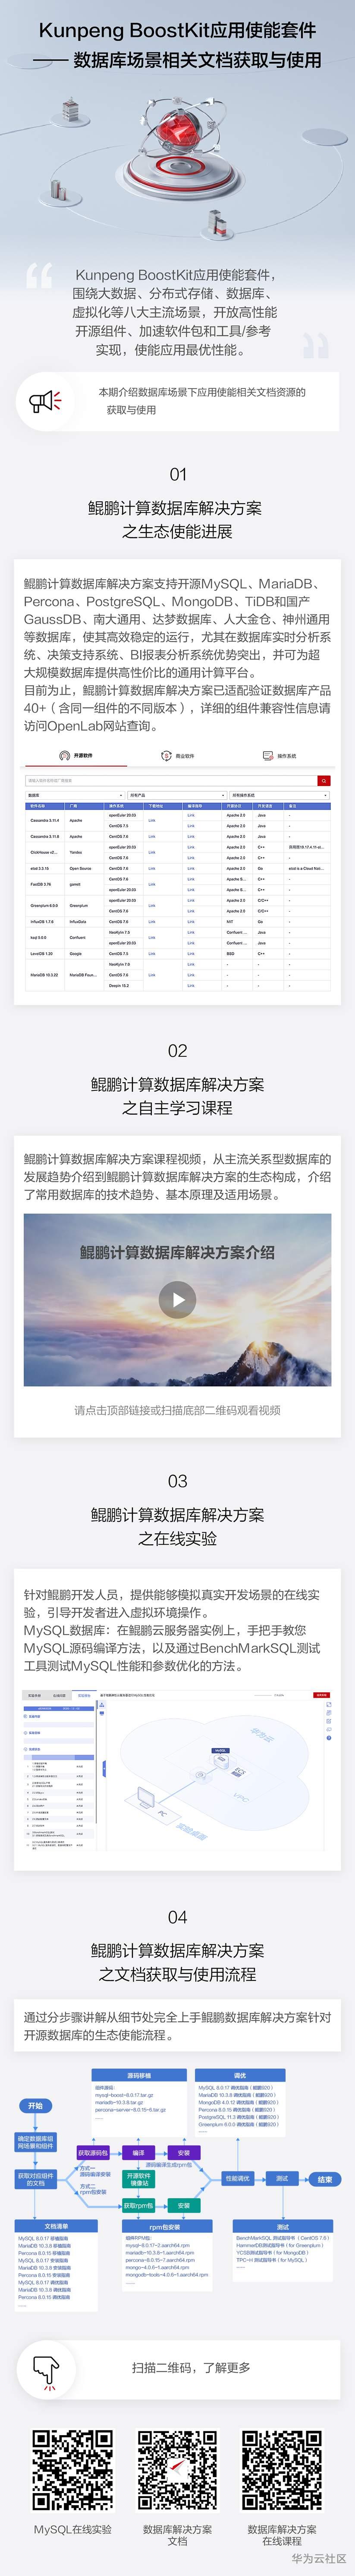 【悦识鲲鹏】Kunpeng BoostKit应用使能套件-数据库场景文档获取与使用.png